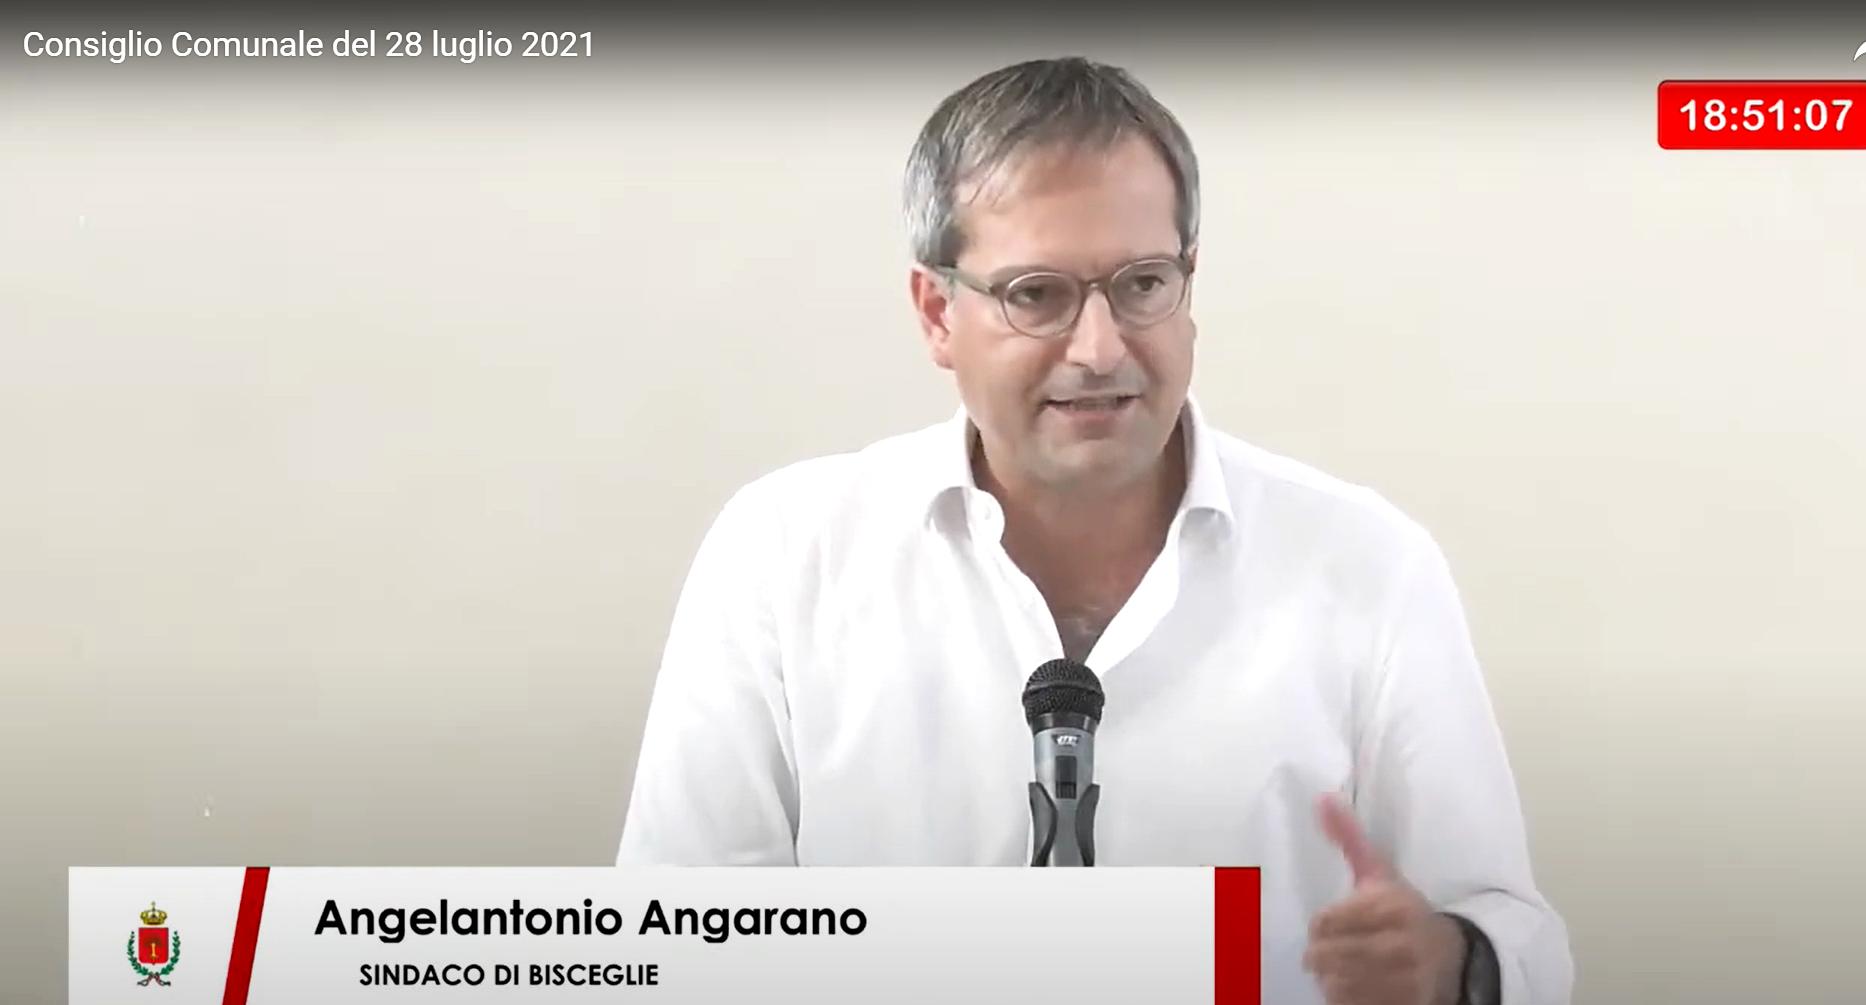 Sindaco Angarano: Approvate agevolazioni e riduzioni Tari con un investimento di 1.2 milioni di euro